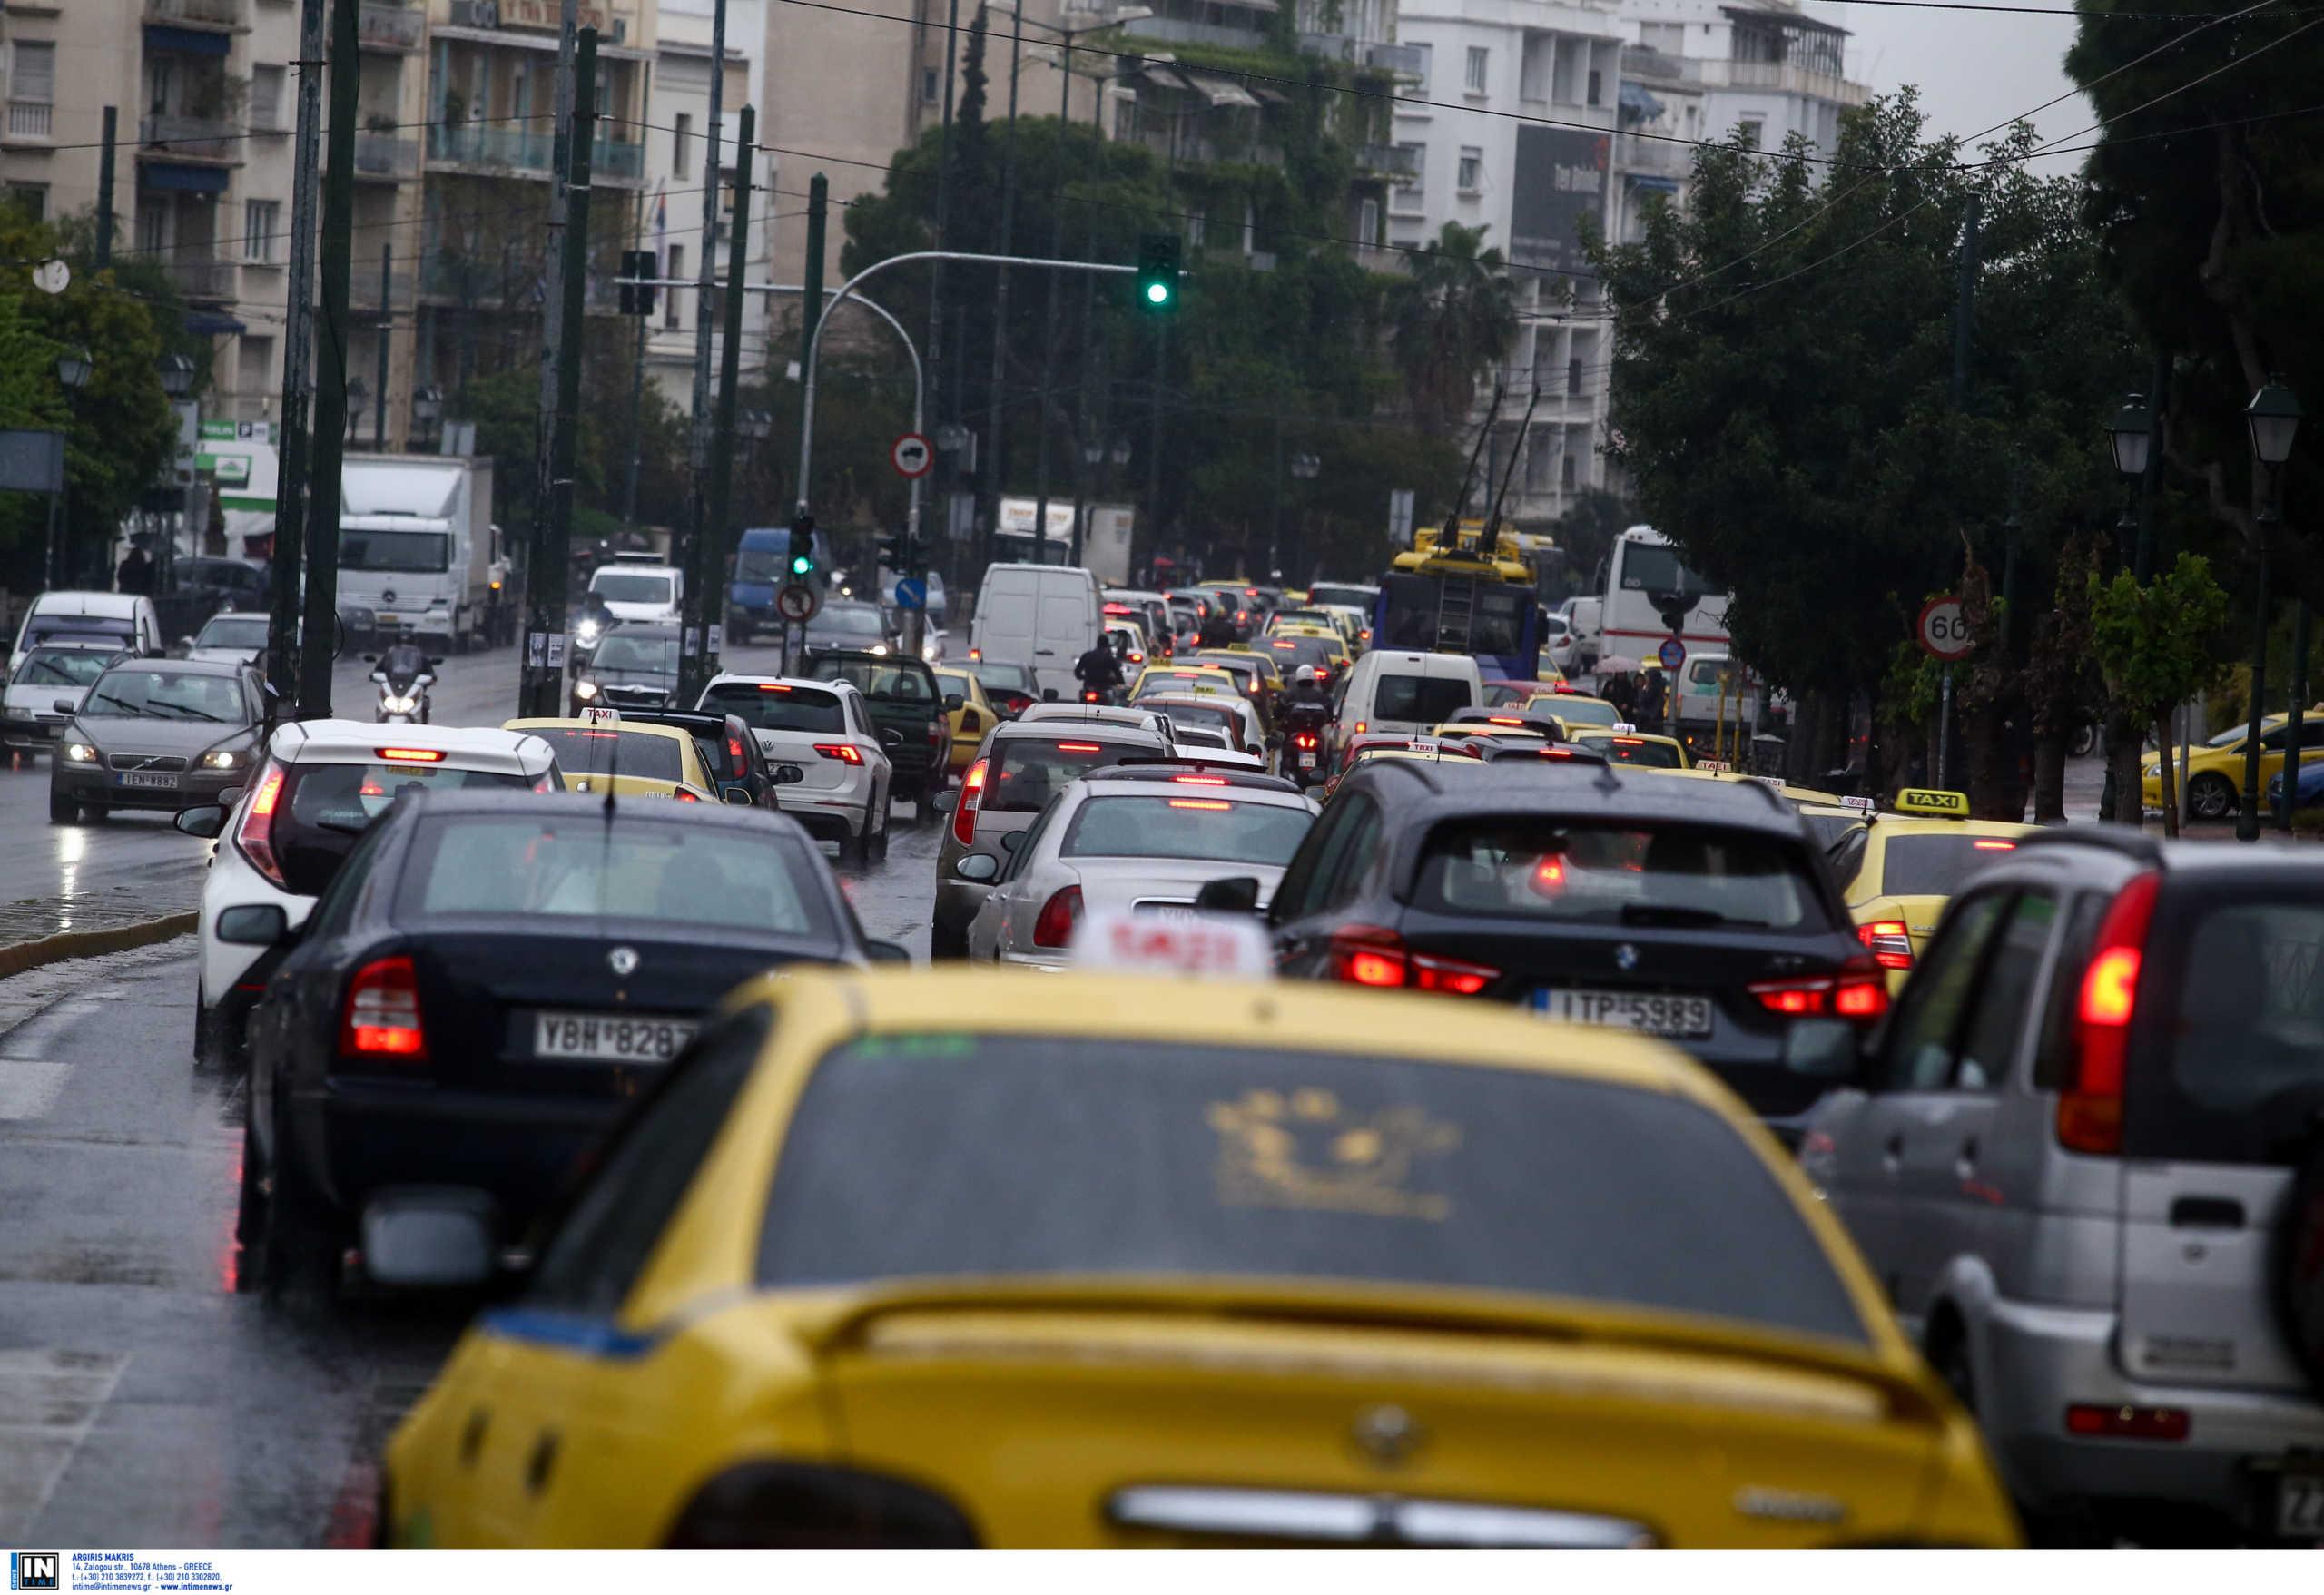 Τροχαίο με υλικές ζημιές στο Δαφνί προκάλεσε κυκλοφοριακό χάος